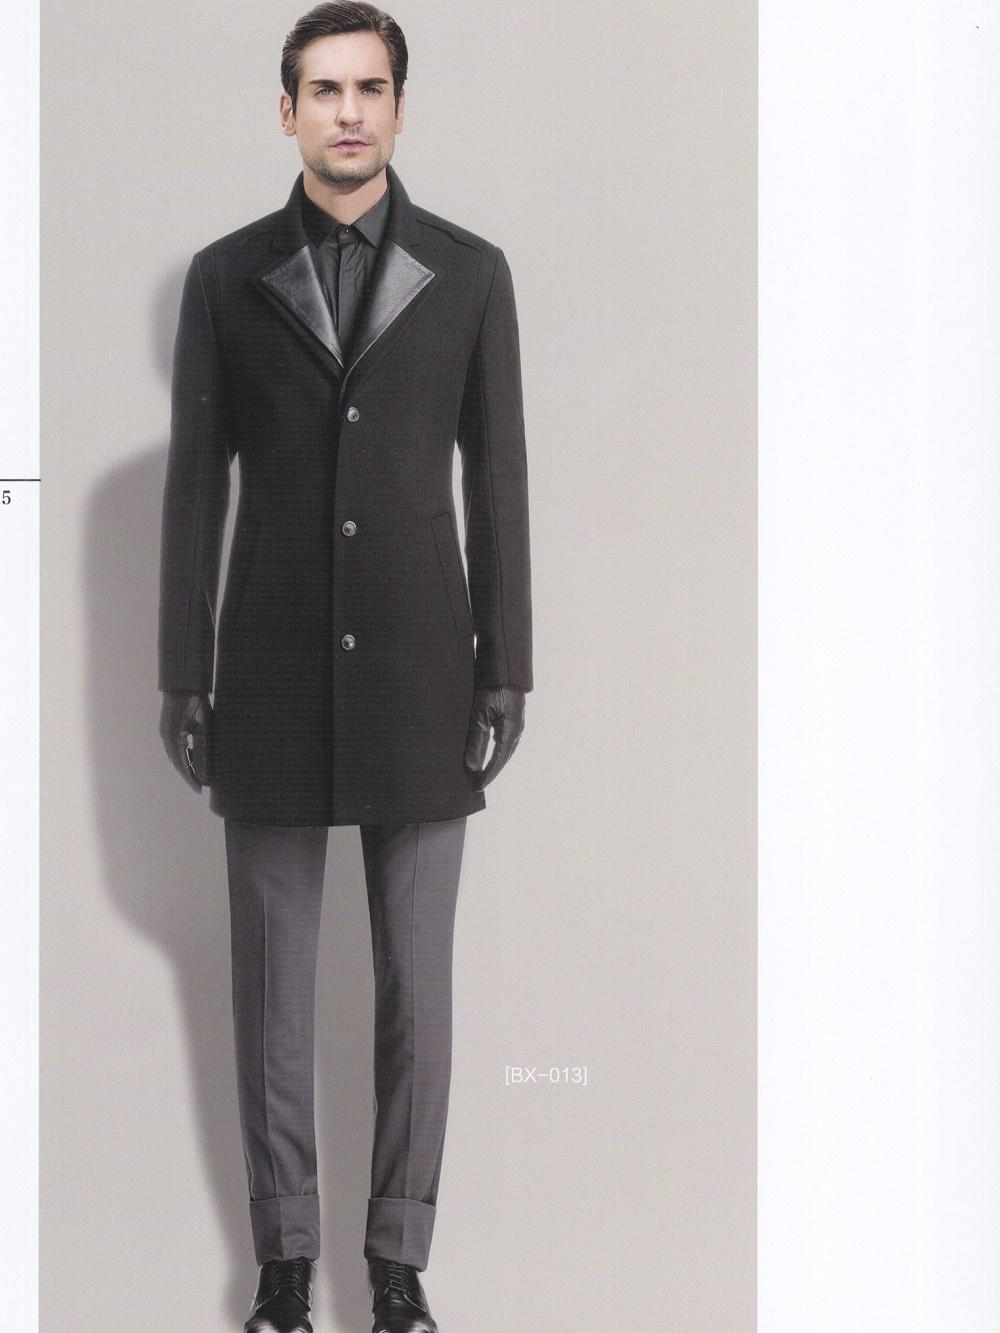 英伦风男士西装酒店制服套装